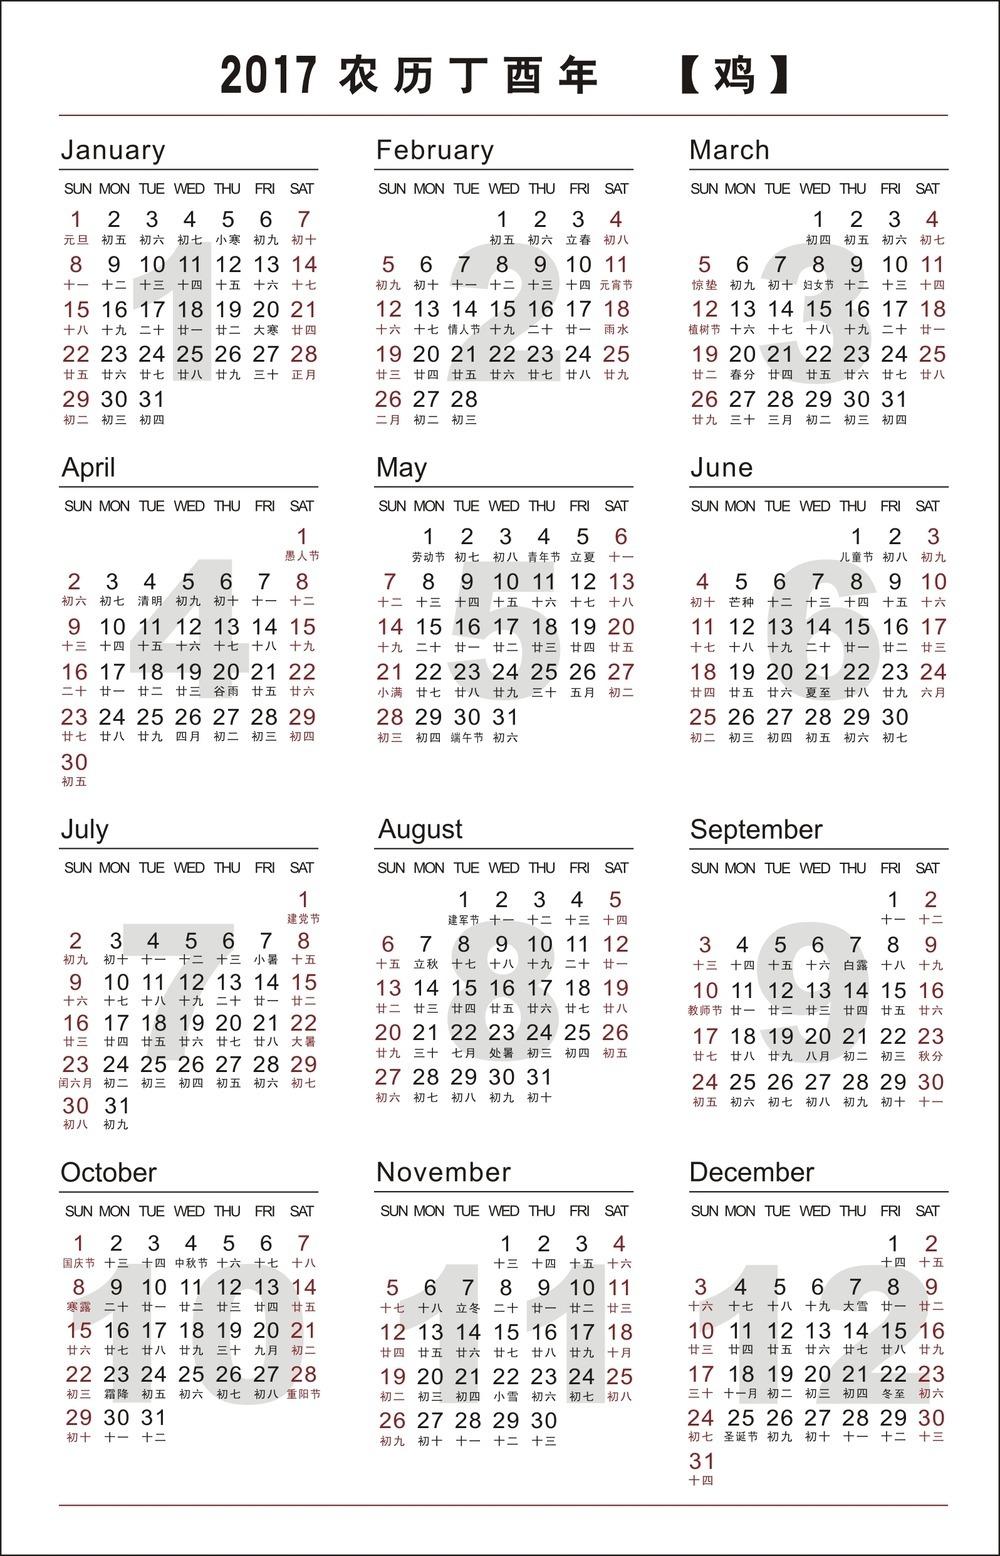 2017年日历条图片图片